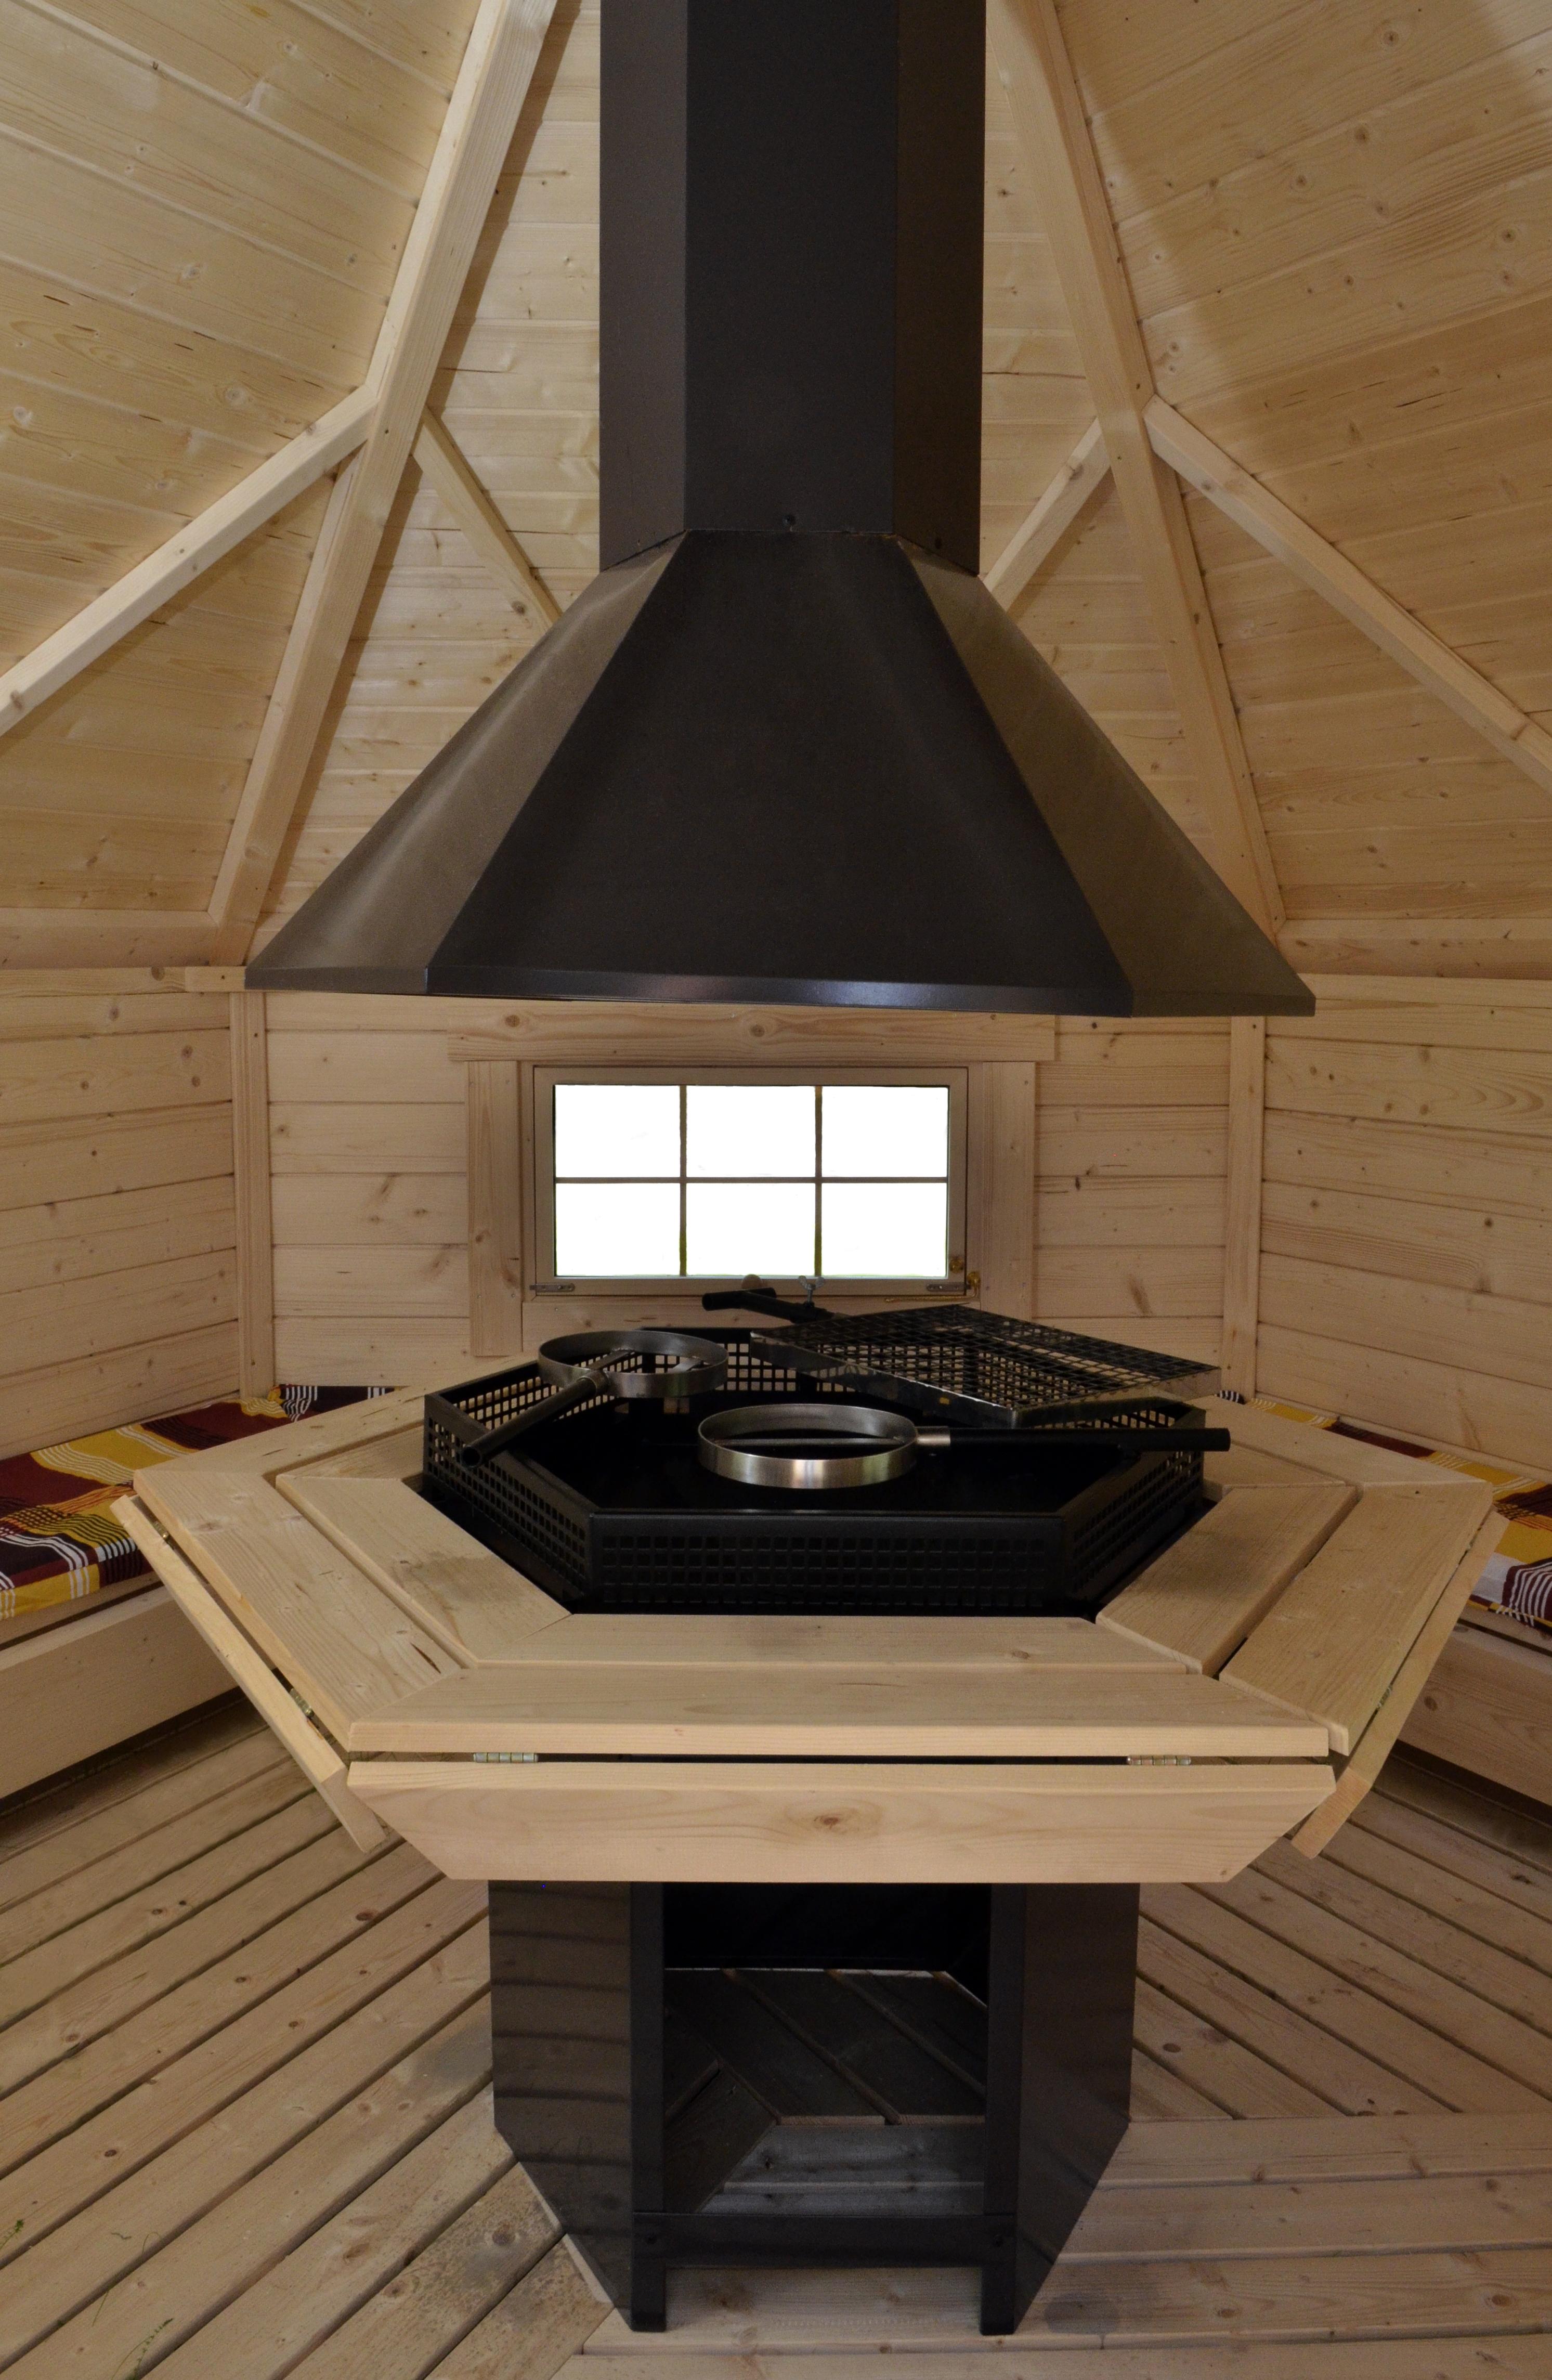 grillkota f r den garten mit grillanlage. Black Bedroom Furniture Sets. Home Design Ideas